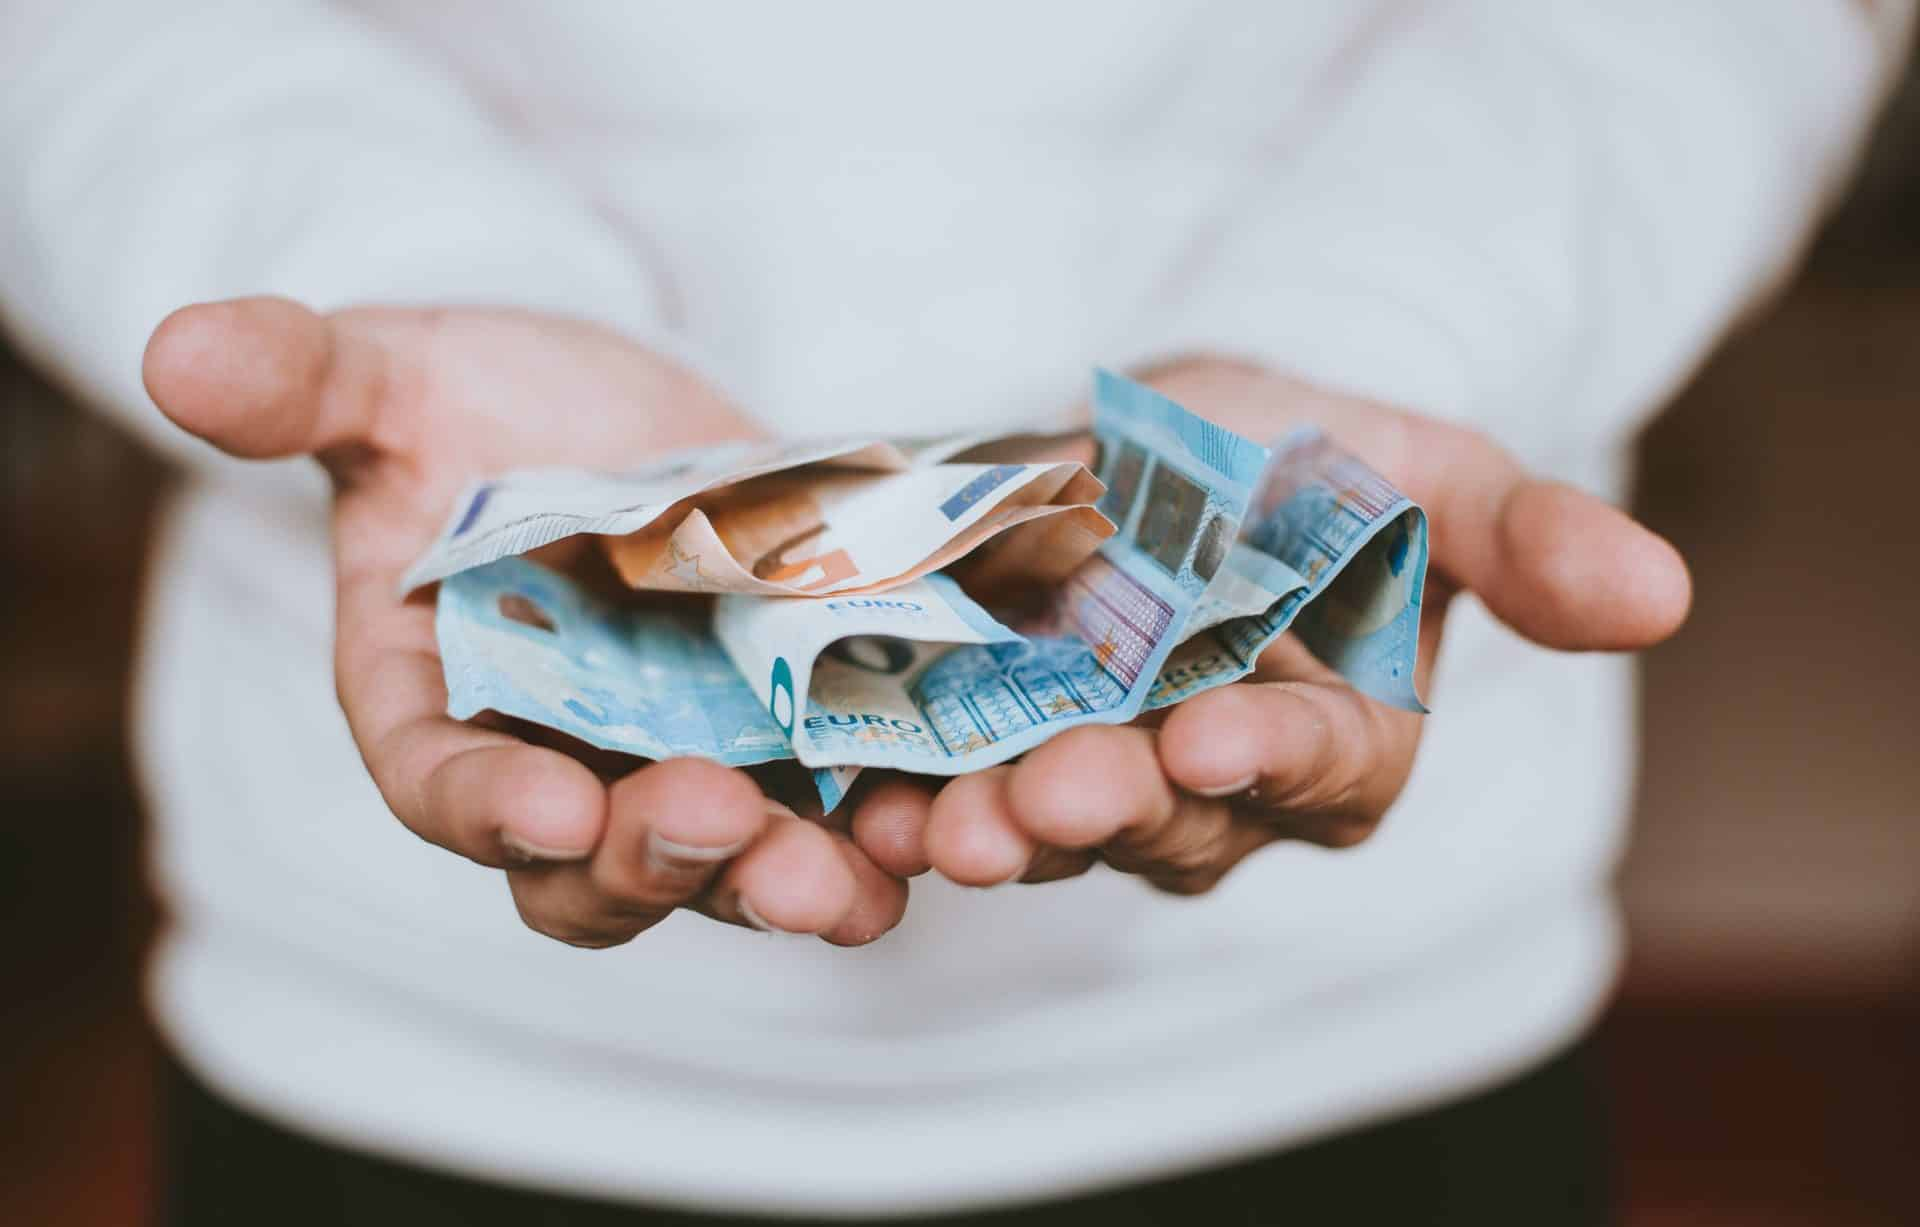 Le salaire : sujet qui fâche pour 1 français sur 10